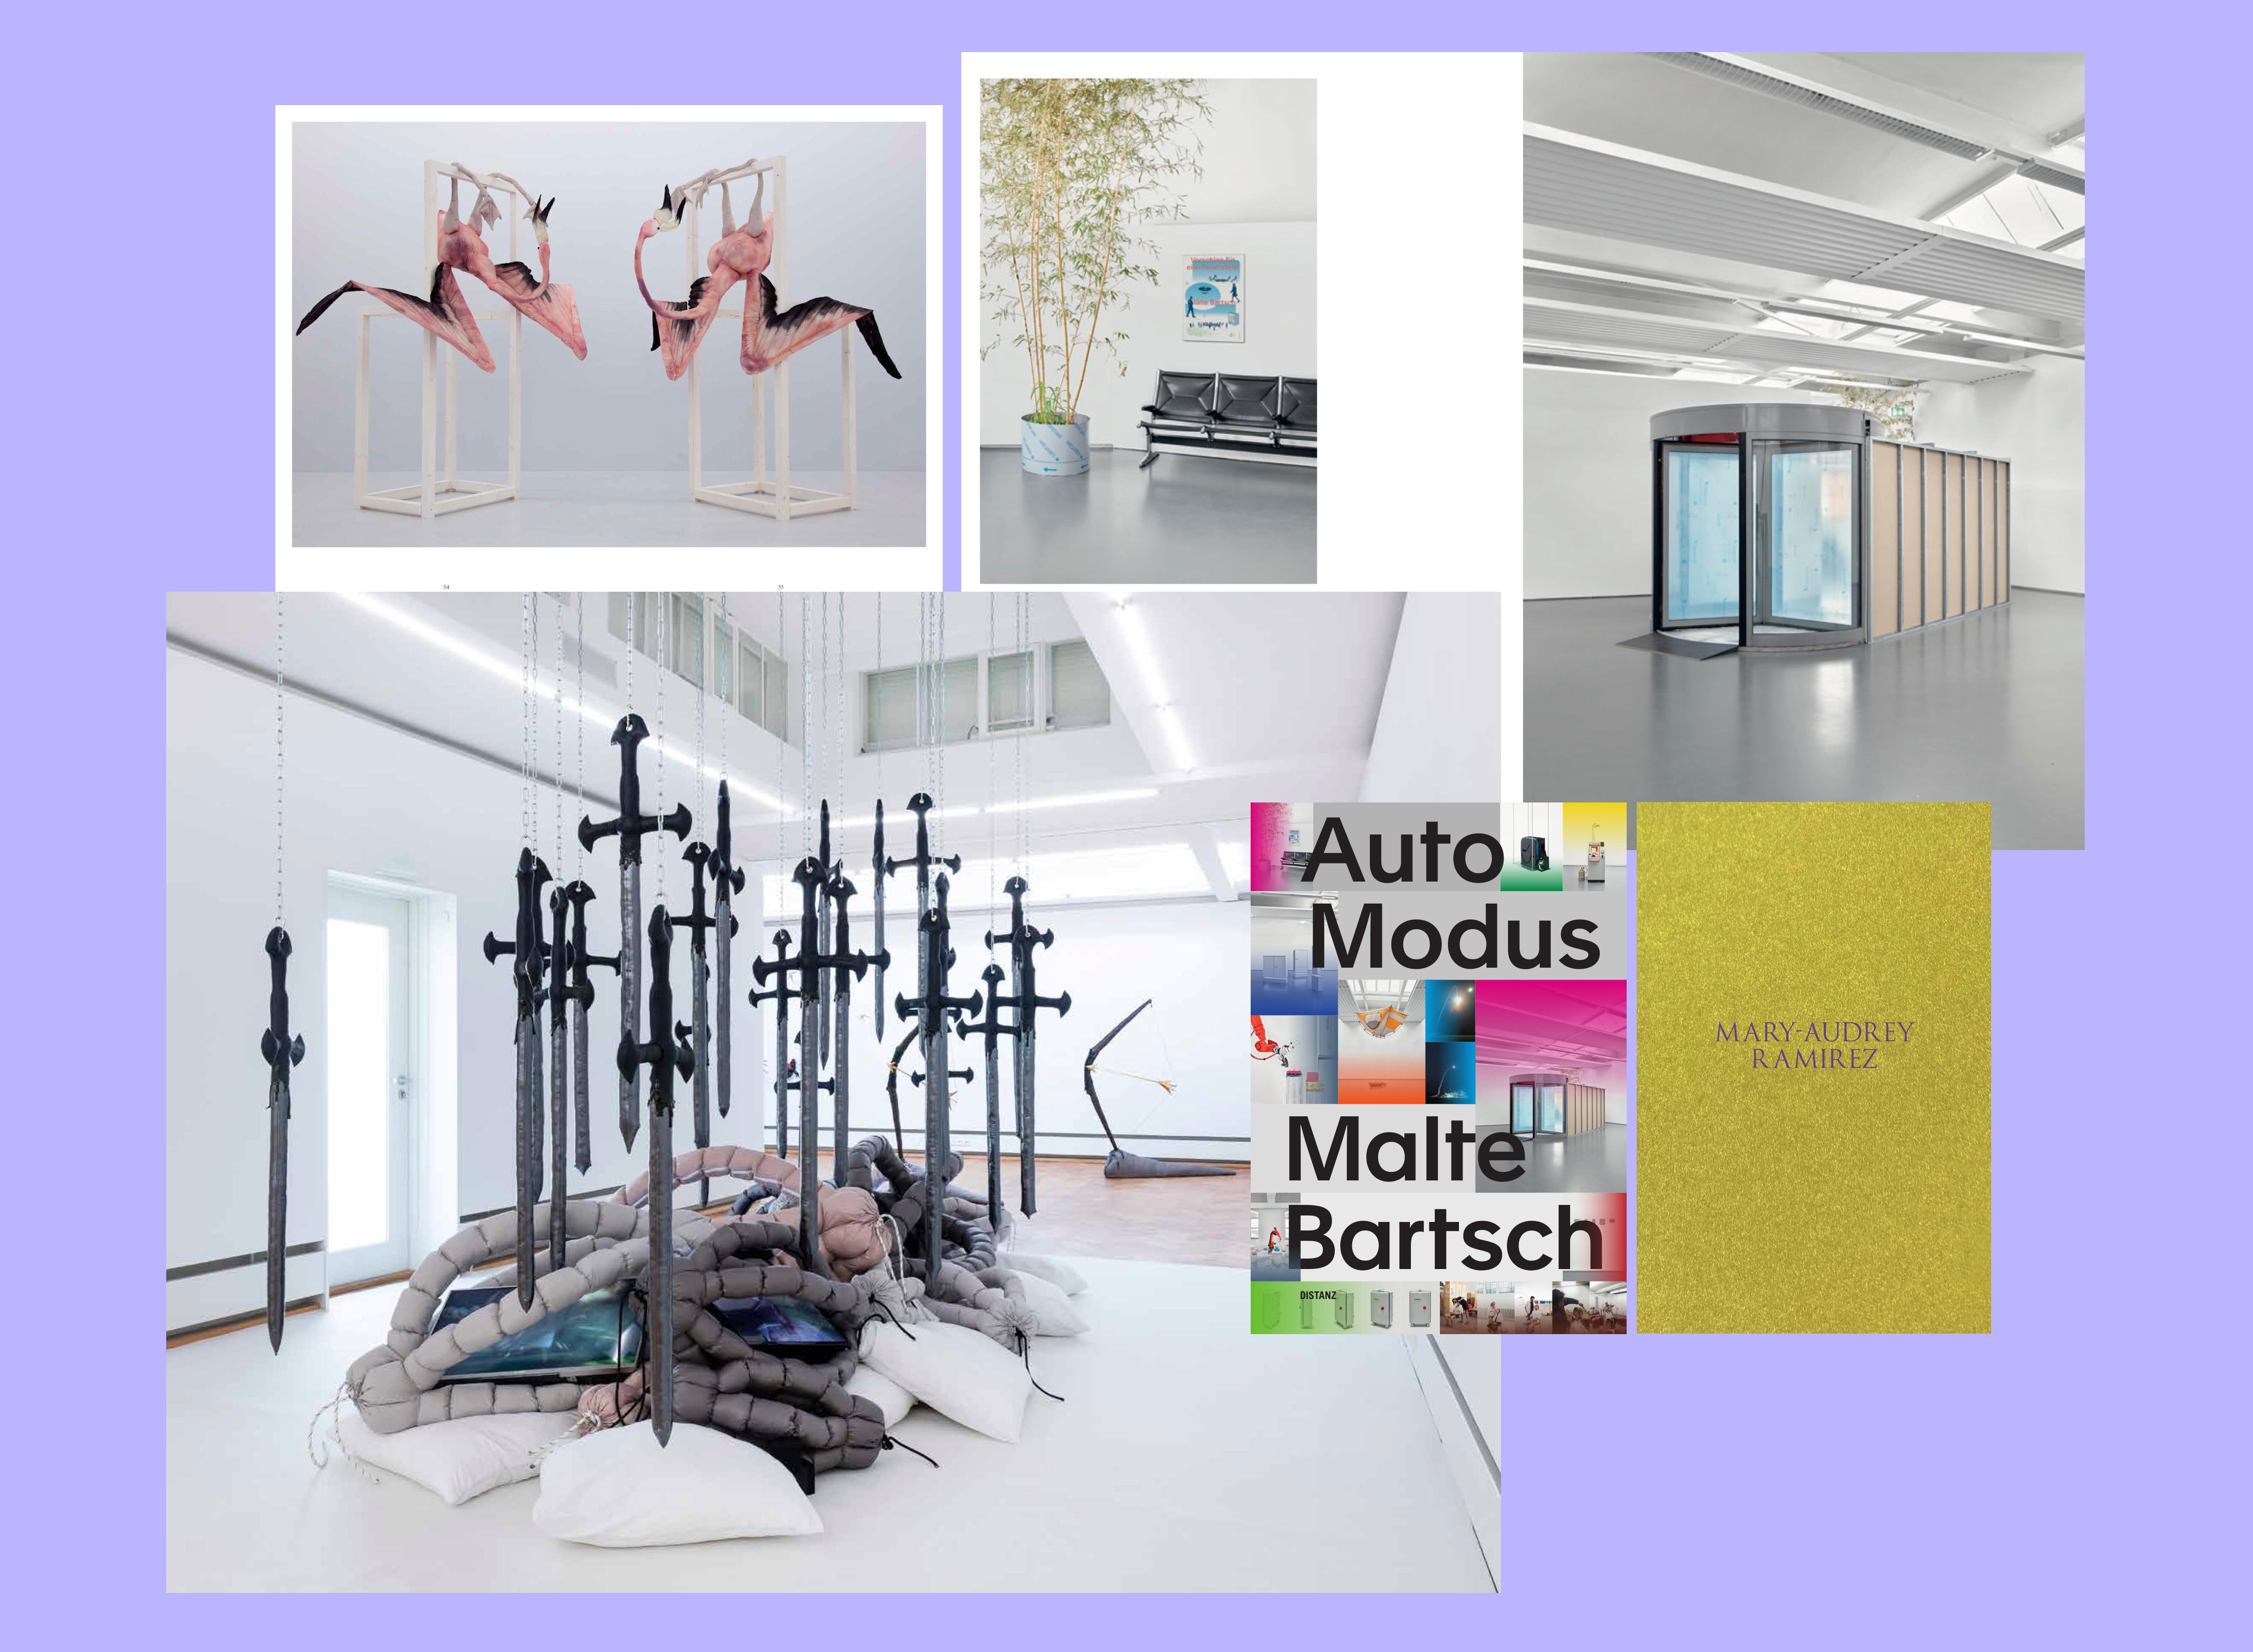 Innenansicht und Cover der Künstlerbücher von Malte Bartsch und Mary-Audrey Ramirez.